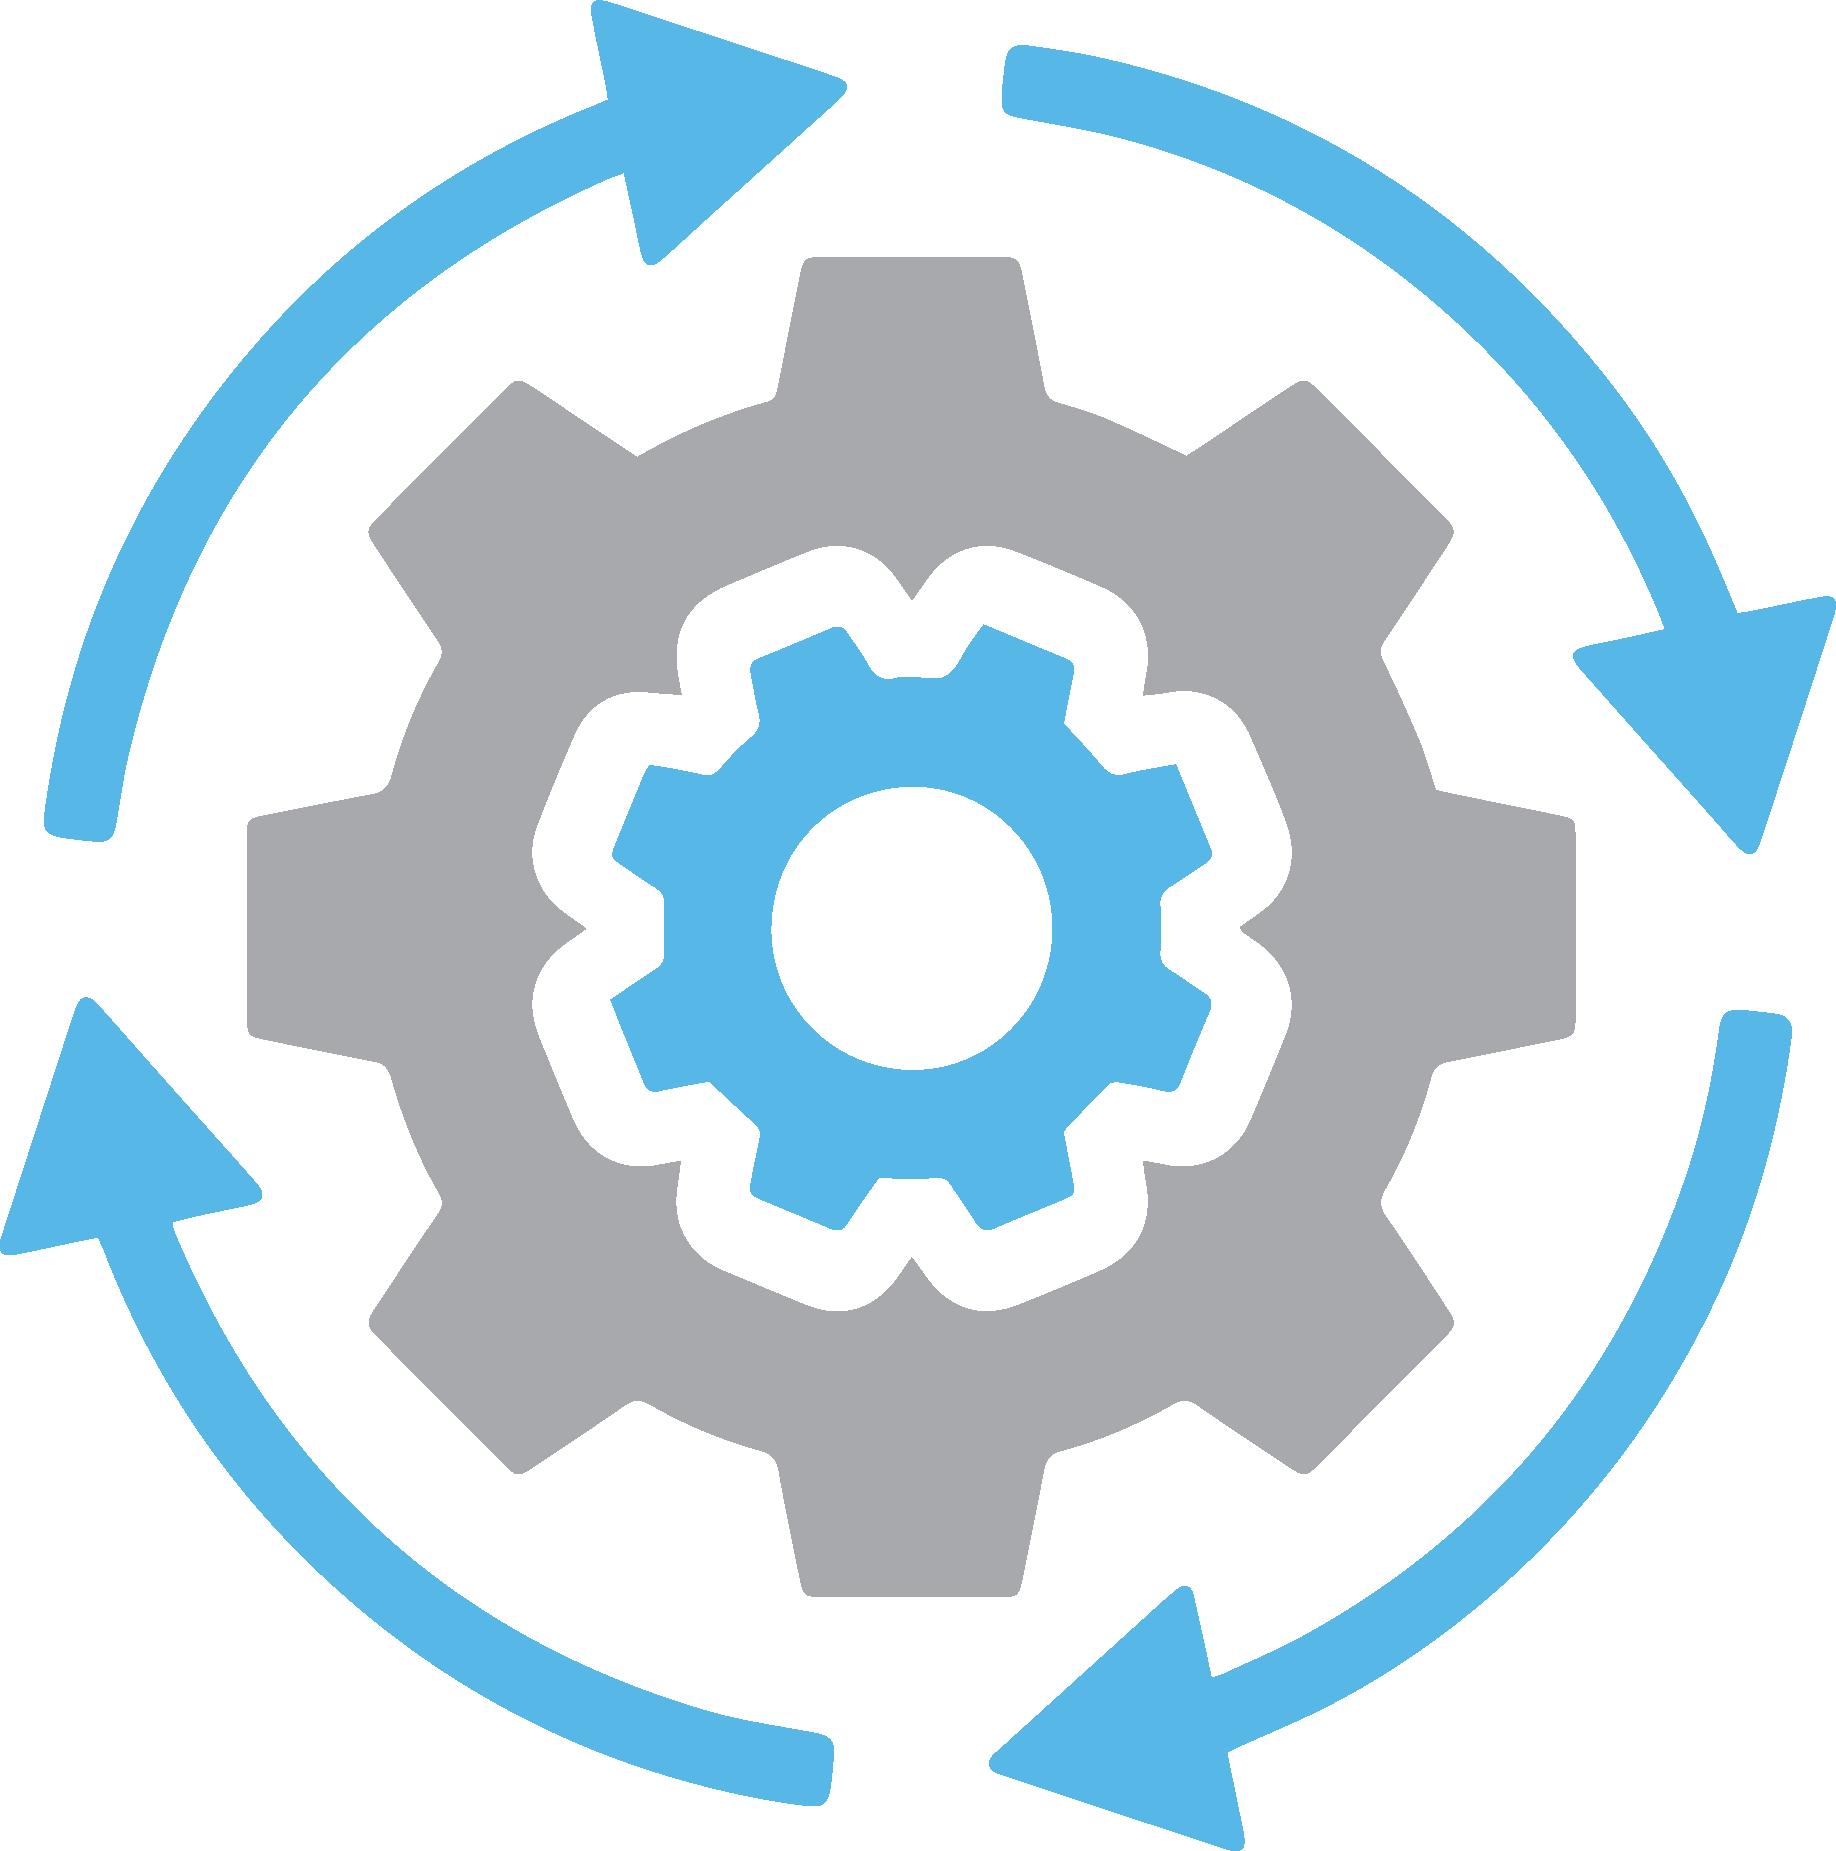 Drive_Oper_Effic_icon